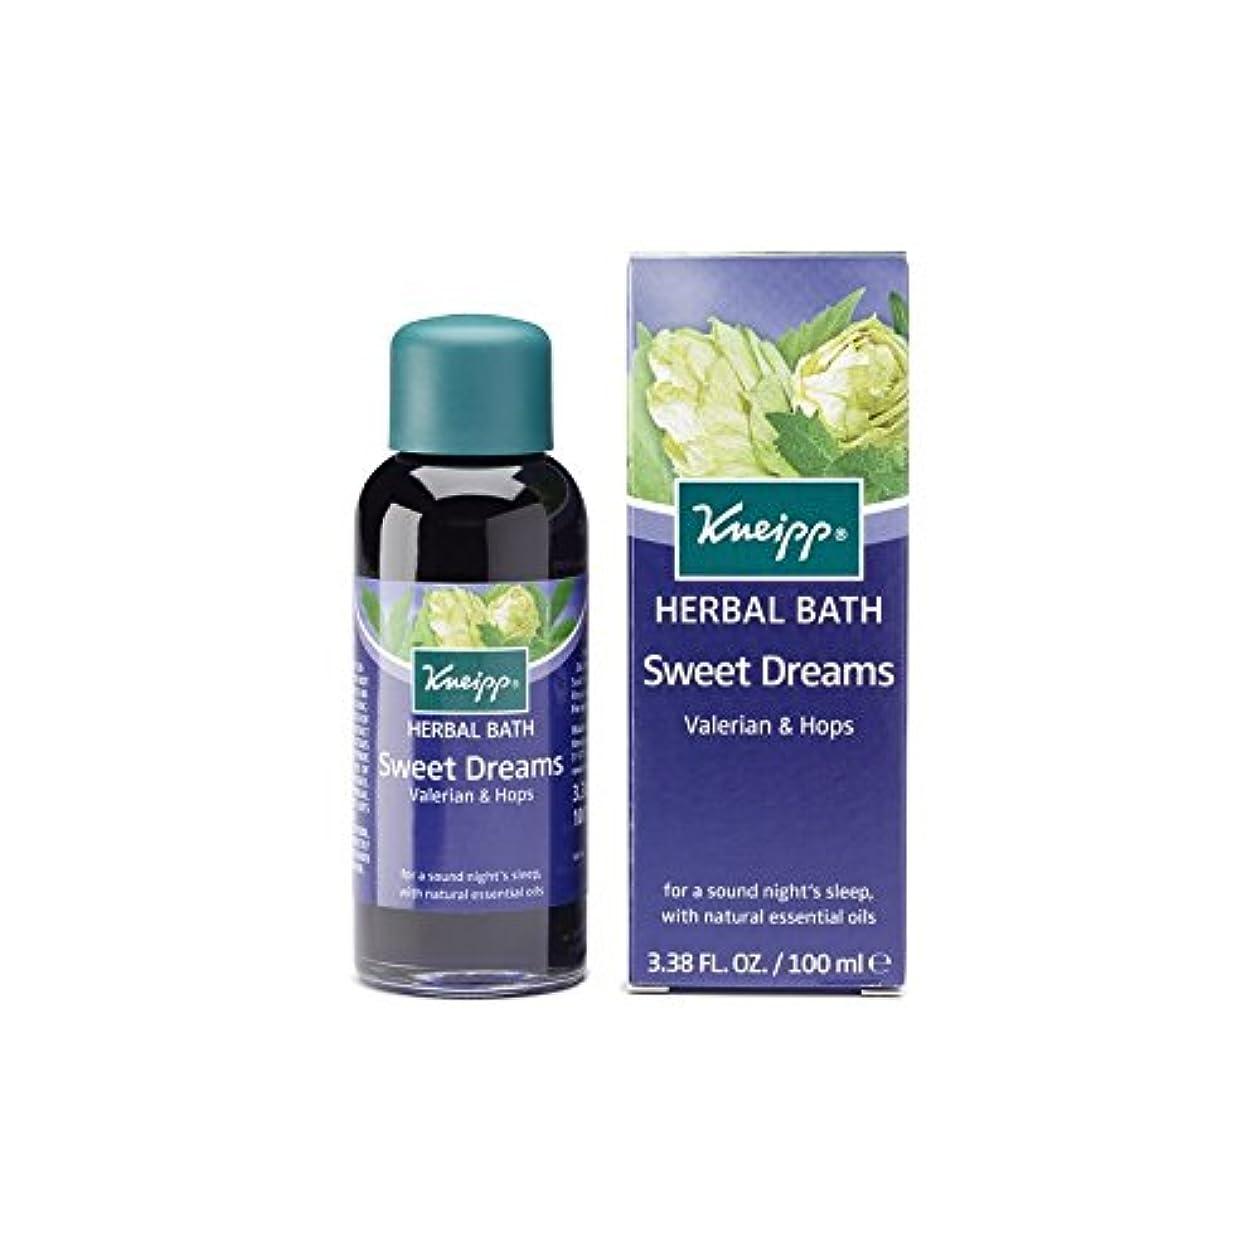 出血プロフェッショナル急襲クナイプ甘い夢ハーブカノコソウとバスオイル(100ミリリットル)をホップ x2 - Kneipp Sweet Dreams Herbal Valerian and Hops Bath Oil (100ml) (Pack...